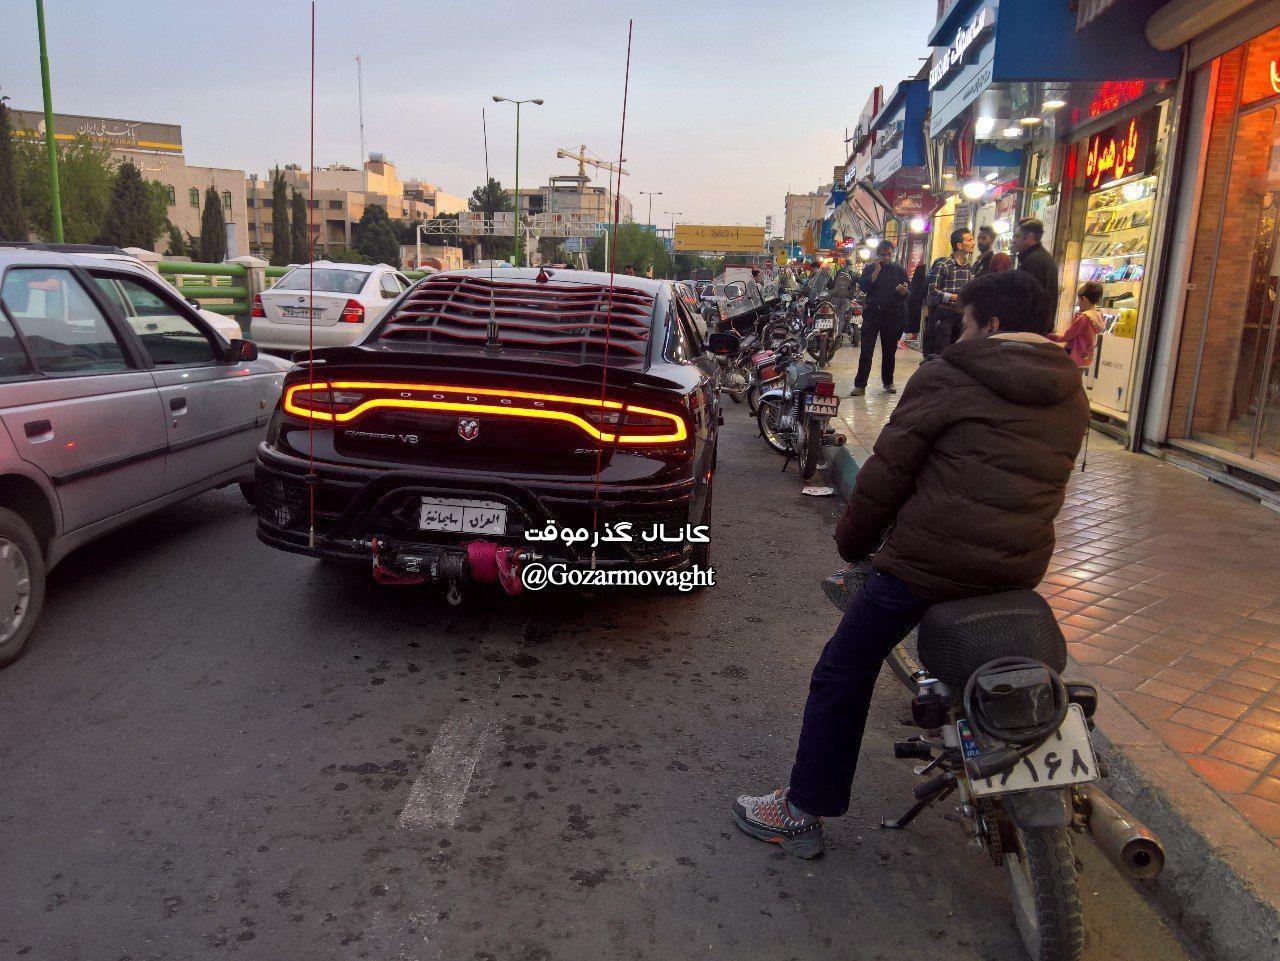 خودروی آمریکایی با پلاک عراق در ایران + عکس